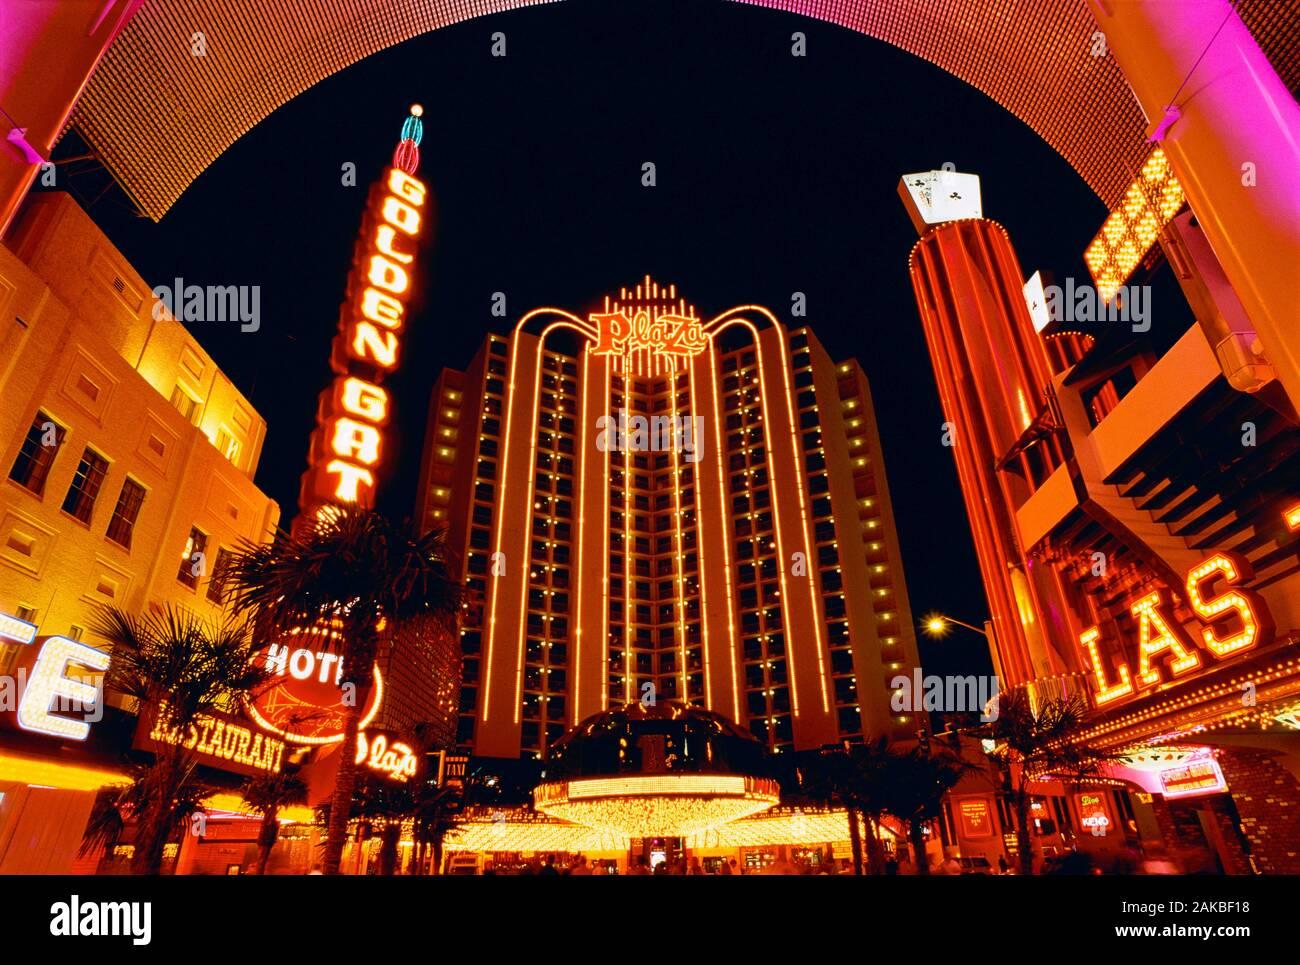 Plaza Hotel sur Freemont Street le soir, Las Vegas, Nevada, USA Banque D'Images